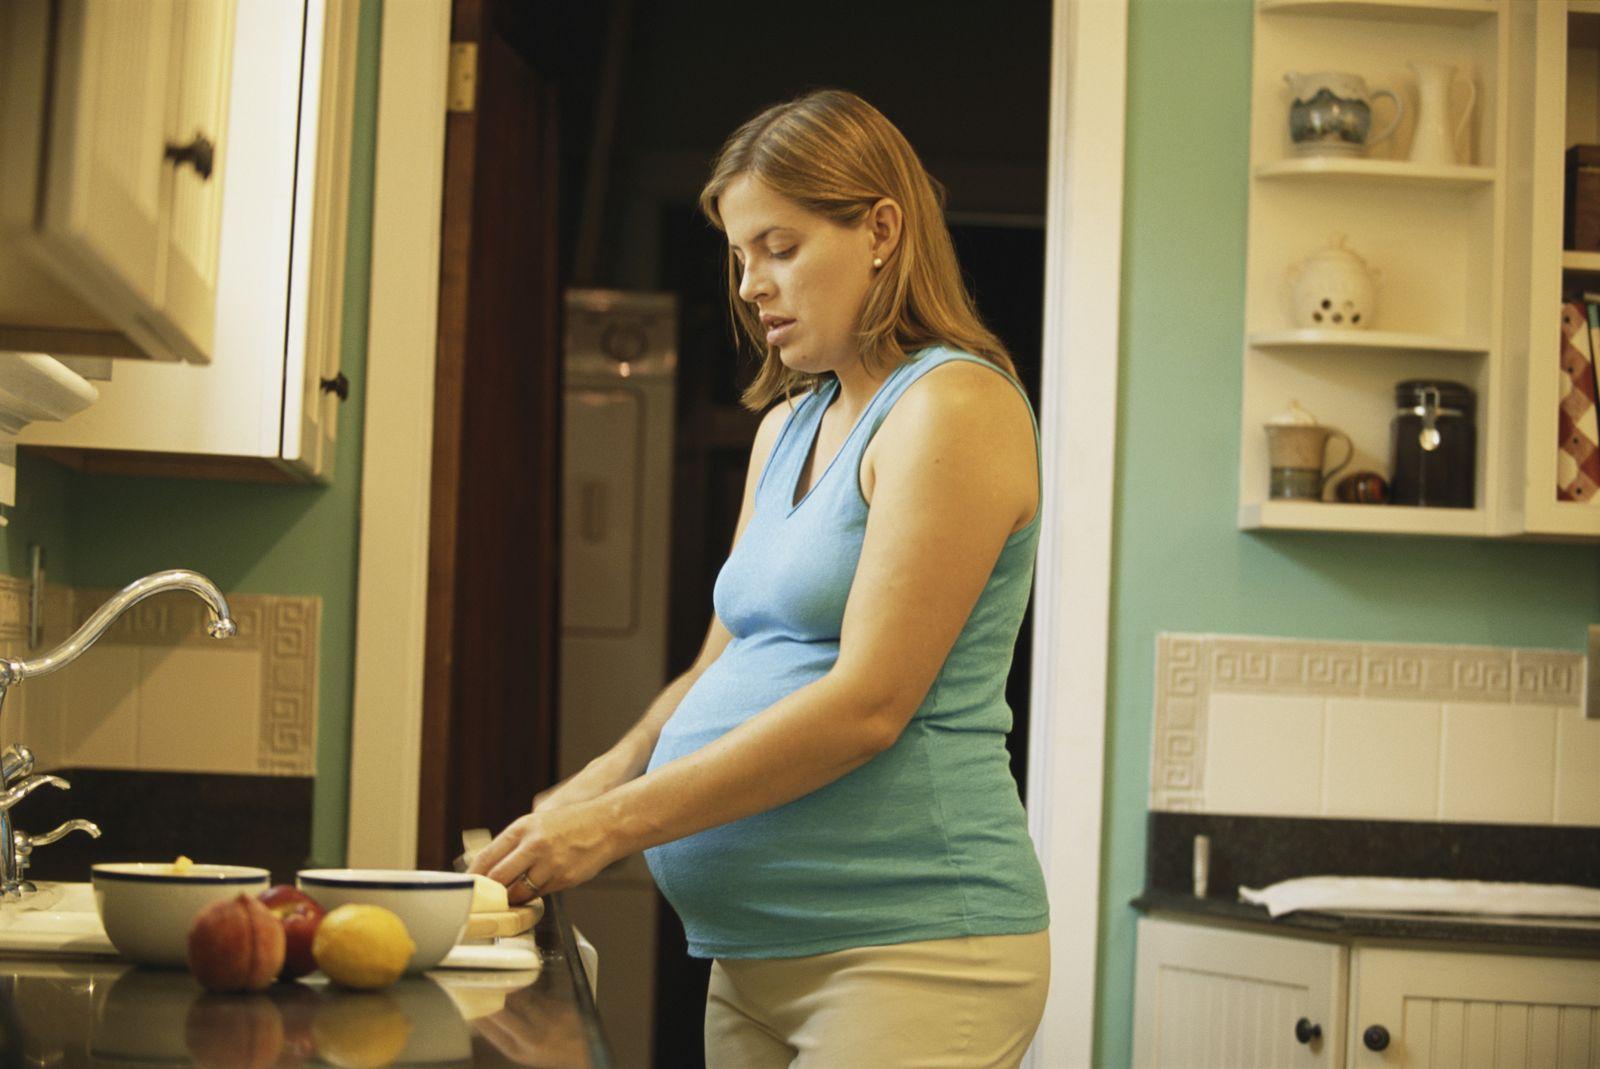 NICHT MEHR VERWENDEN! - Schwangerschaft